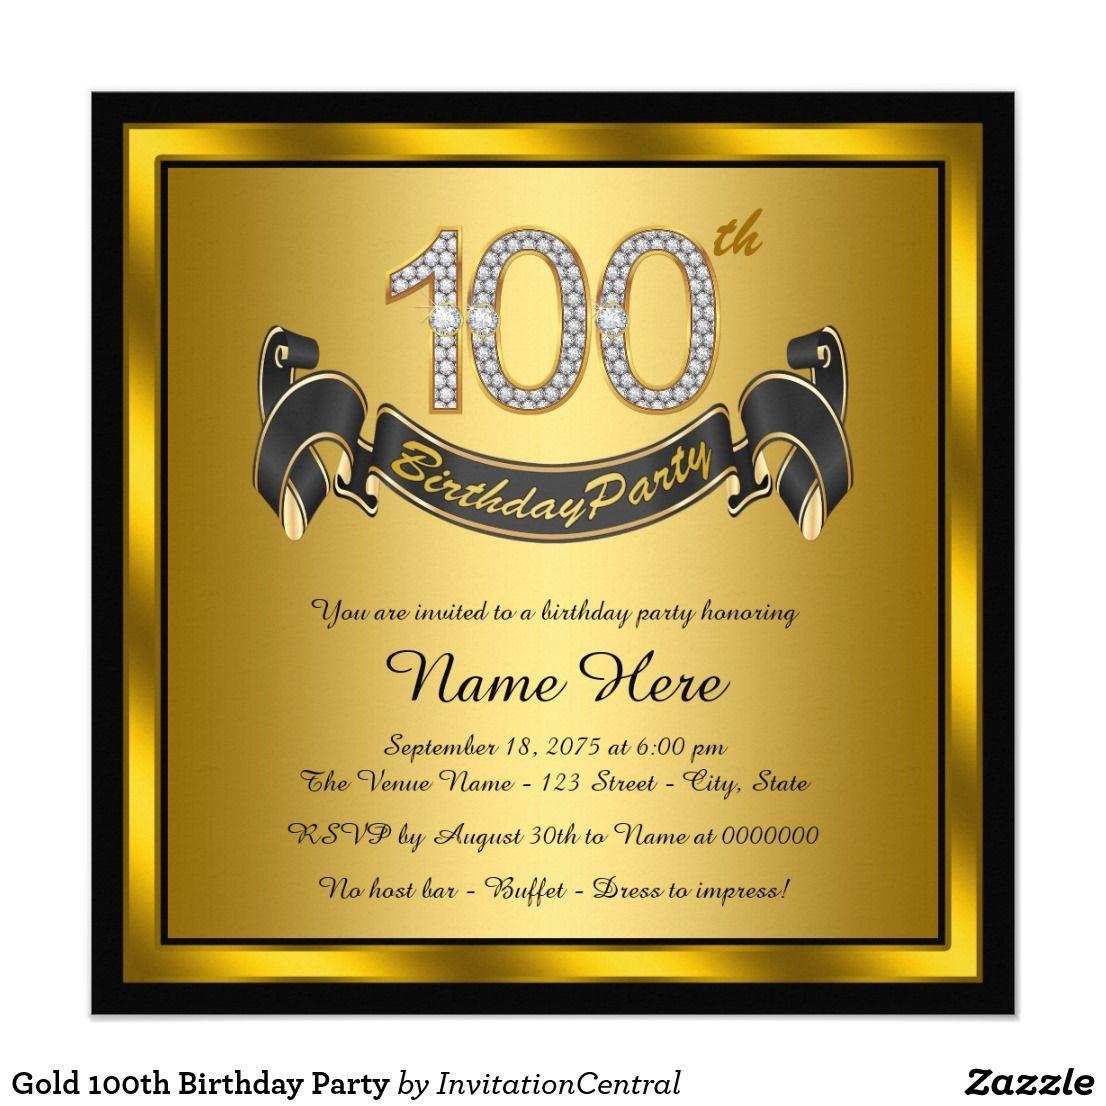 Gold 100th Birthday Party Invitation Zazzle Com 100th Birthday Party 100th Birthday Mens Birthday Party